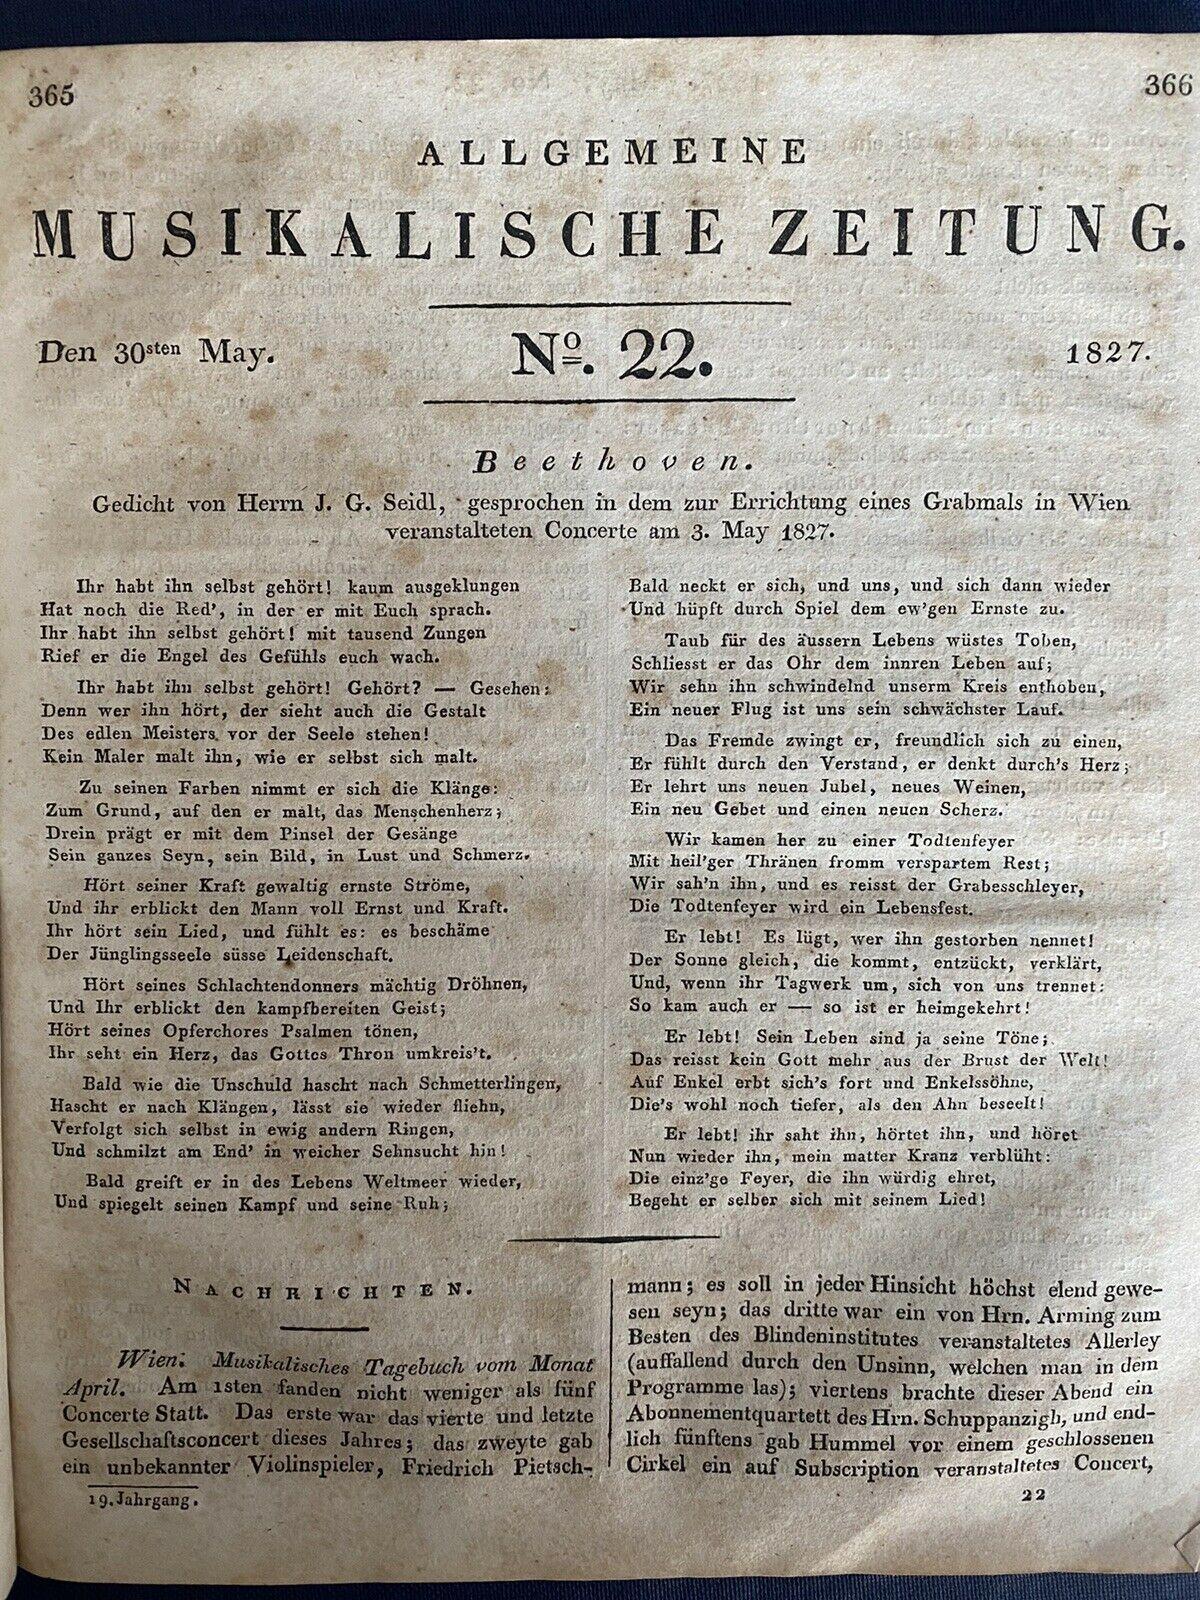 Allegemeine Musikalische Zeitung